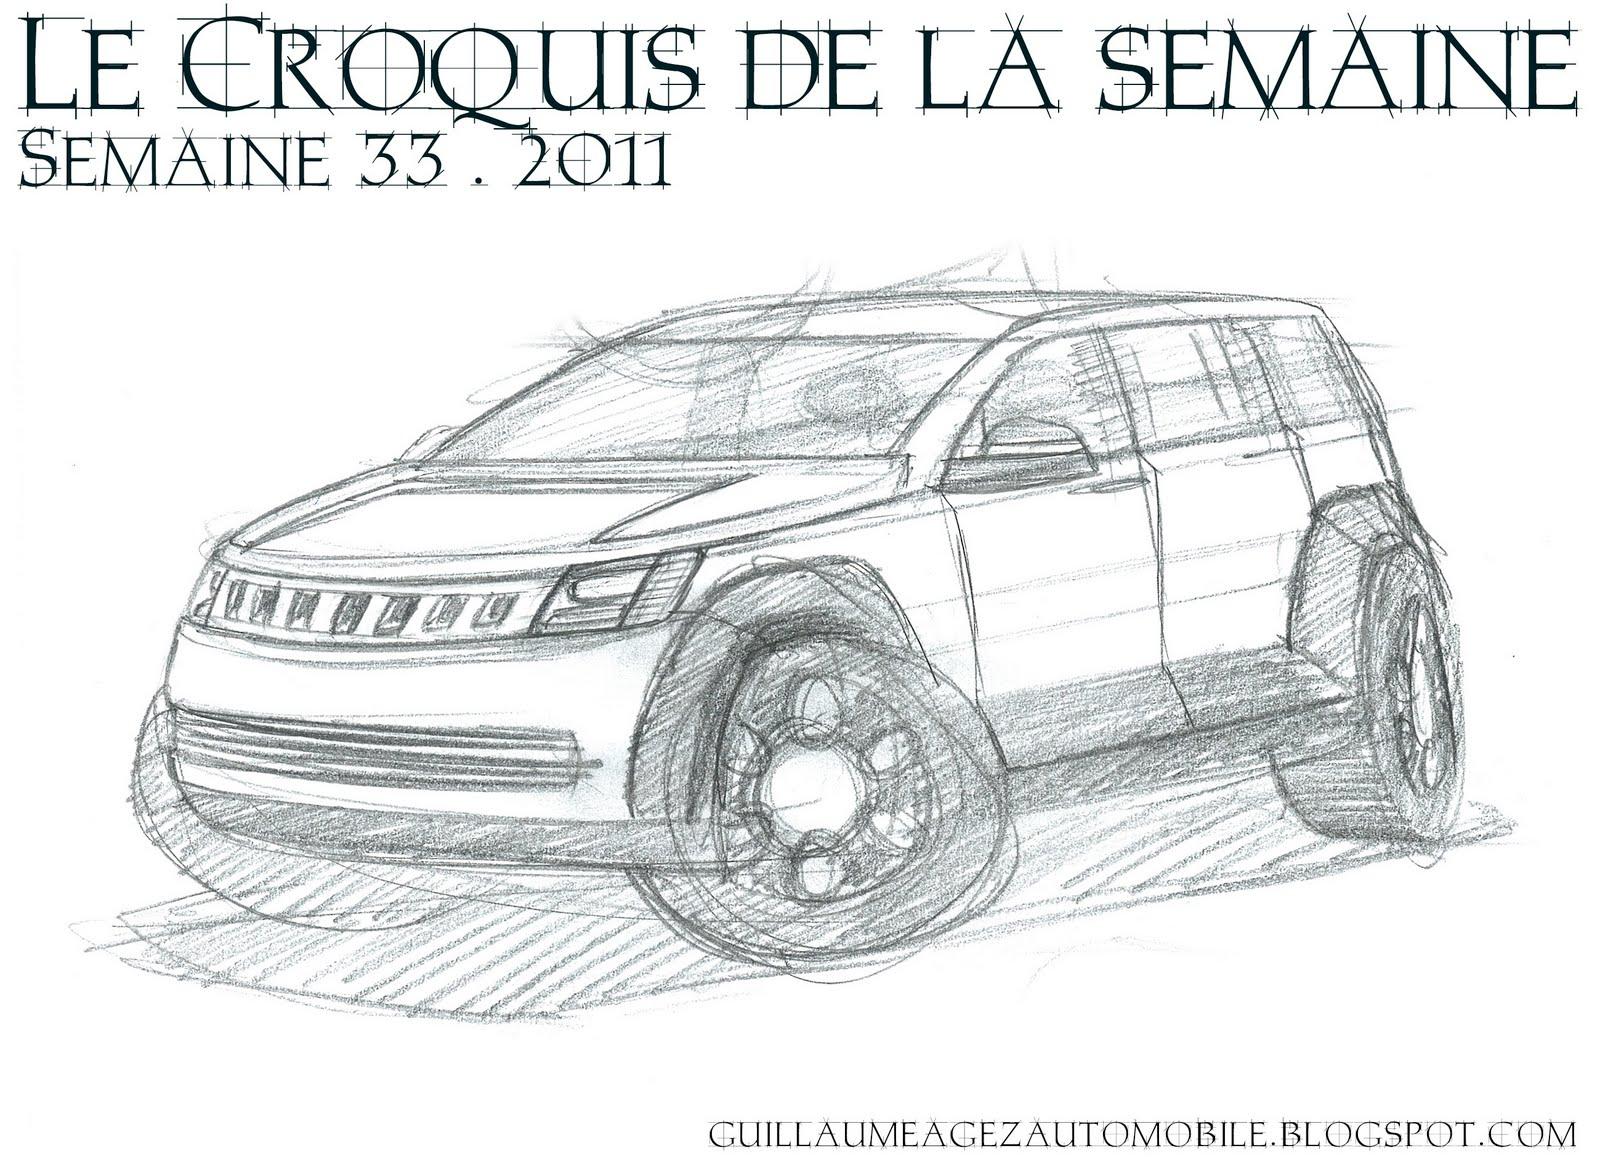 Guillaume Agez Automobile Aout